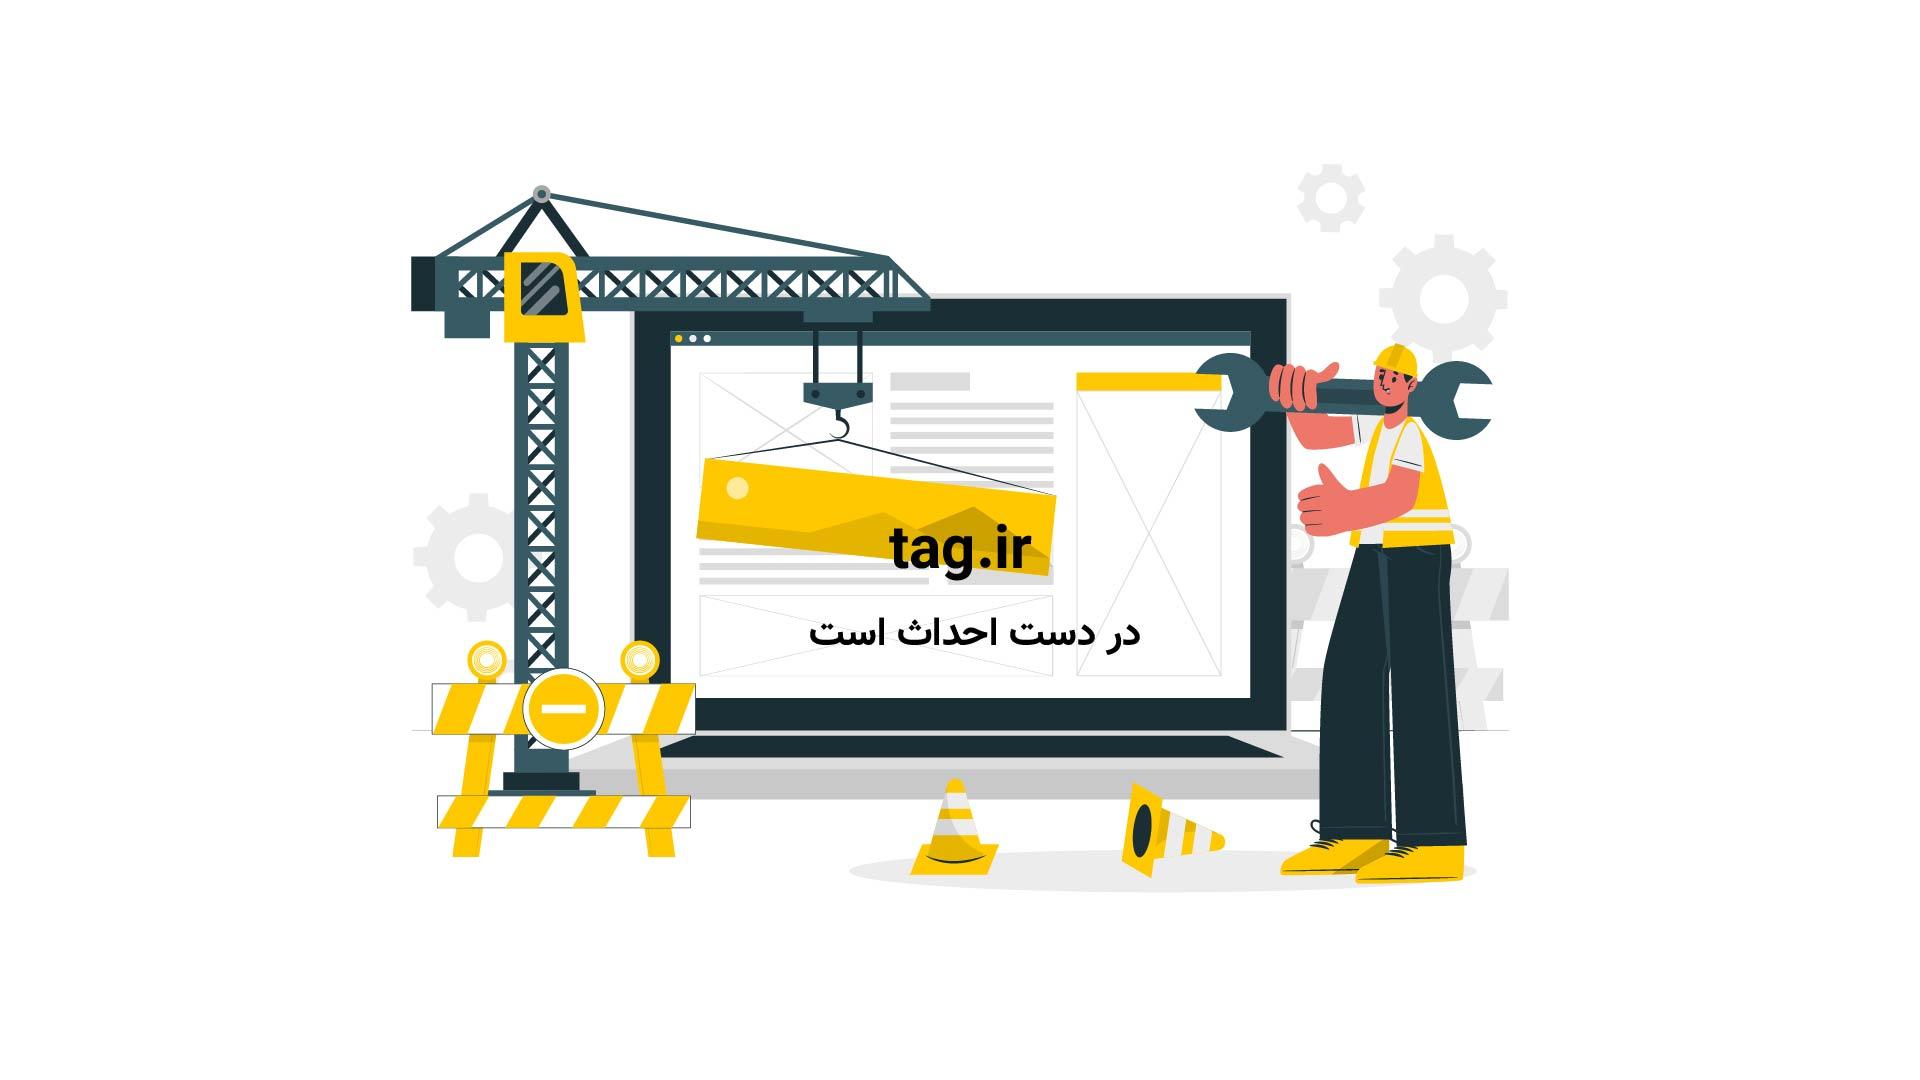 تصادف قطار | تگ